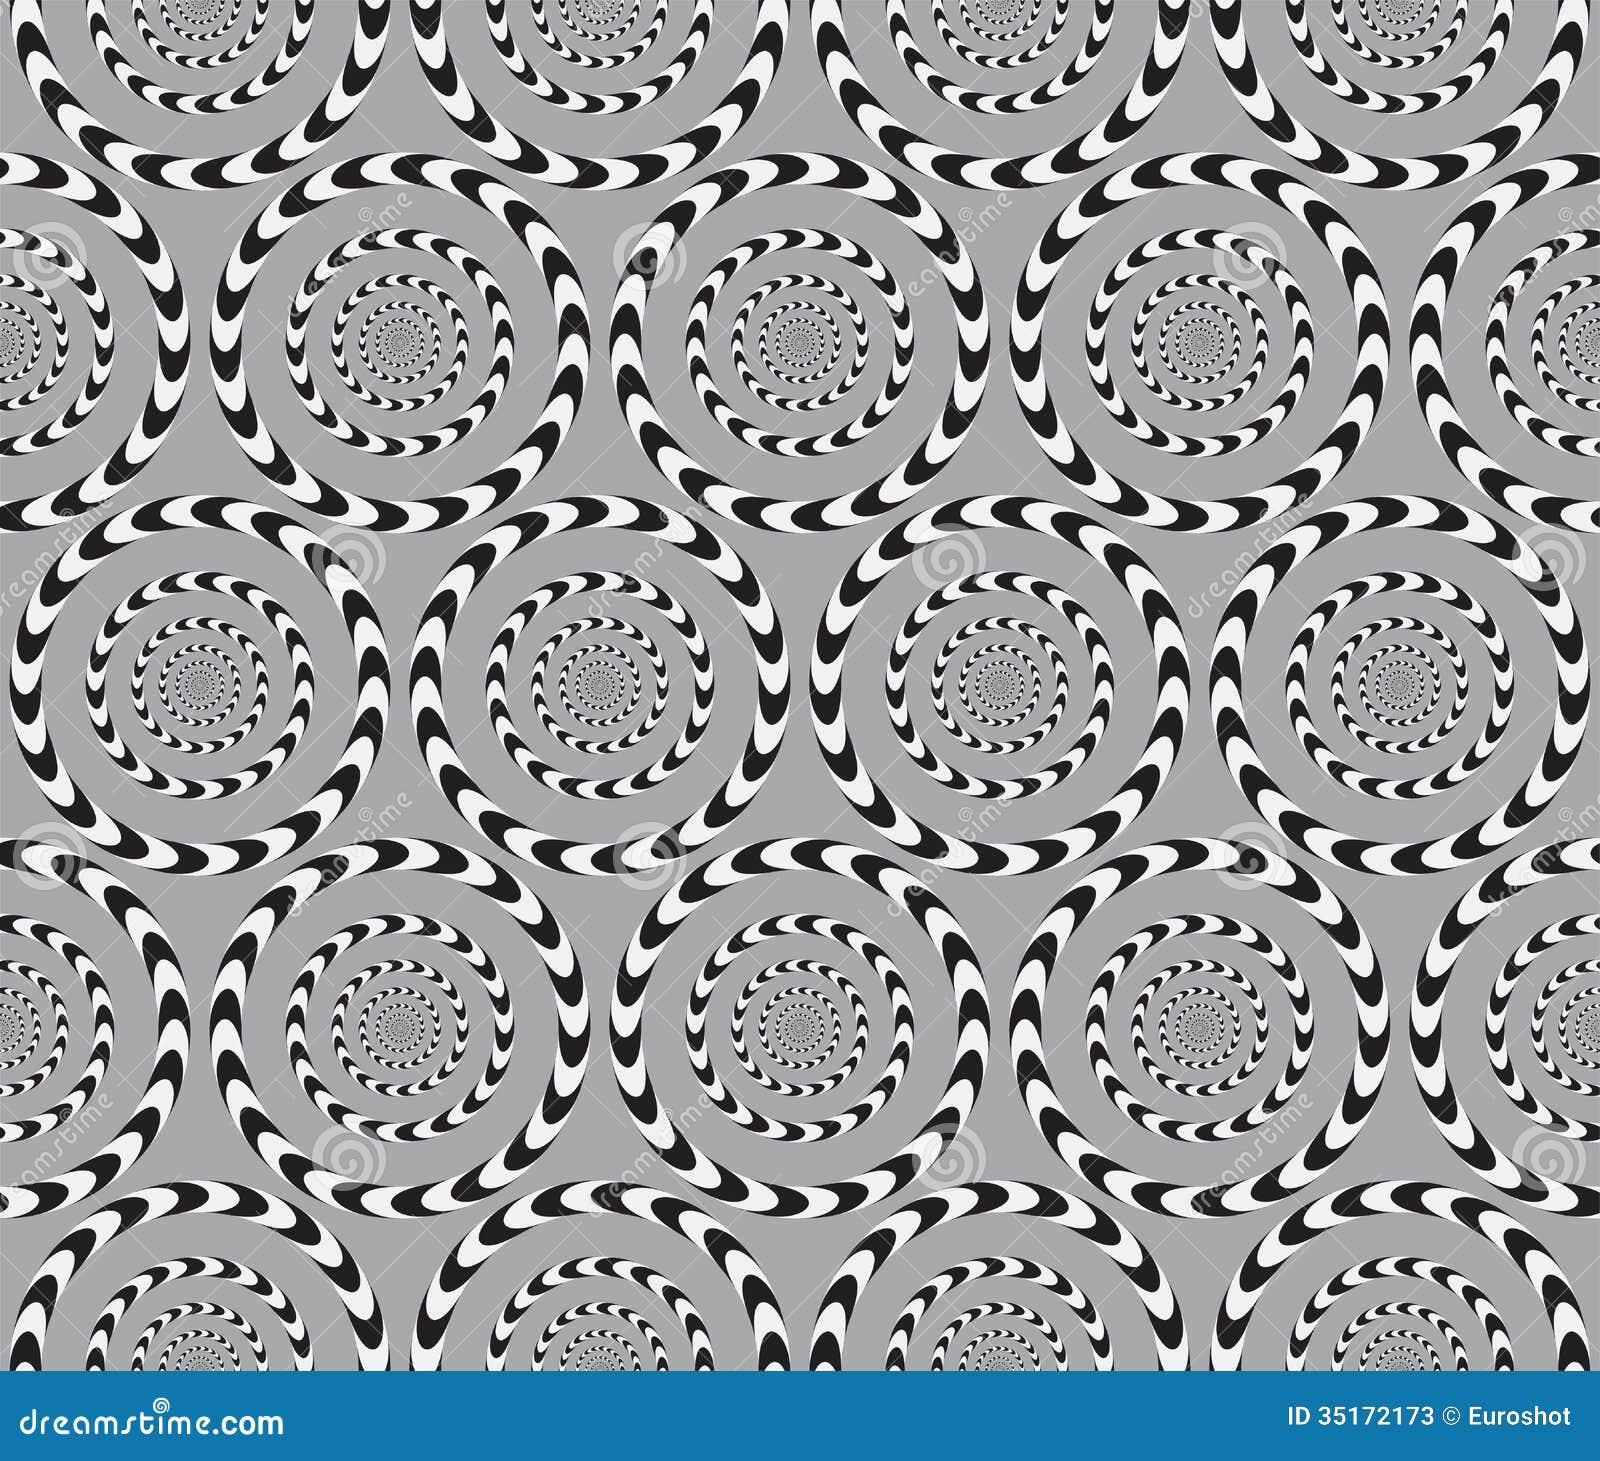 A ilusão ótica, Vector o teste padrão sem emenda.